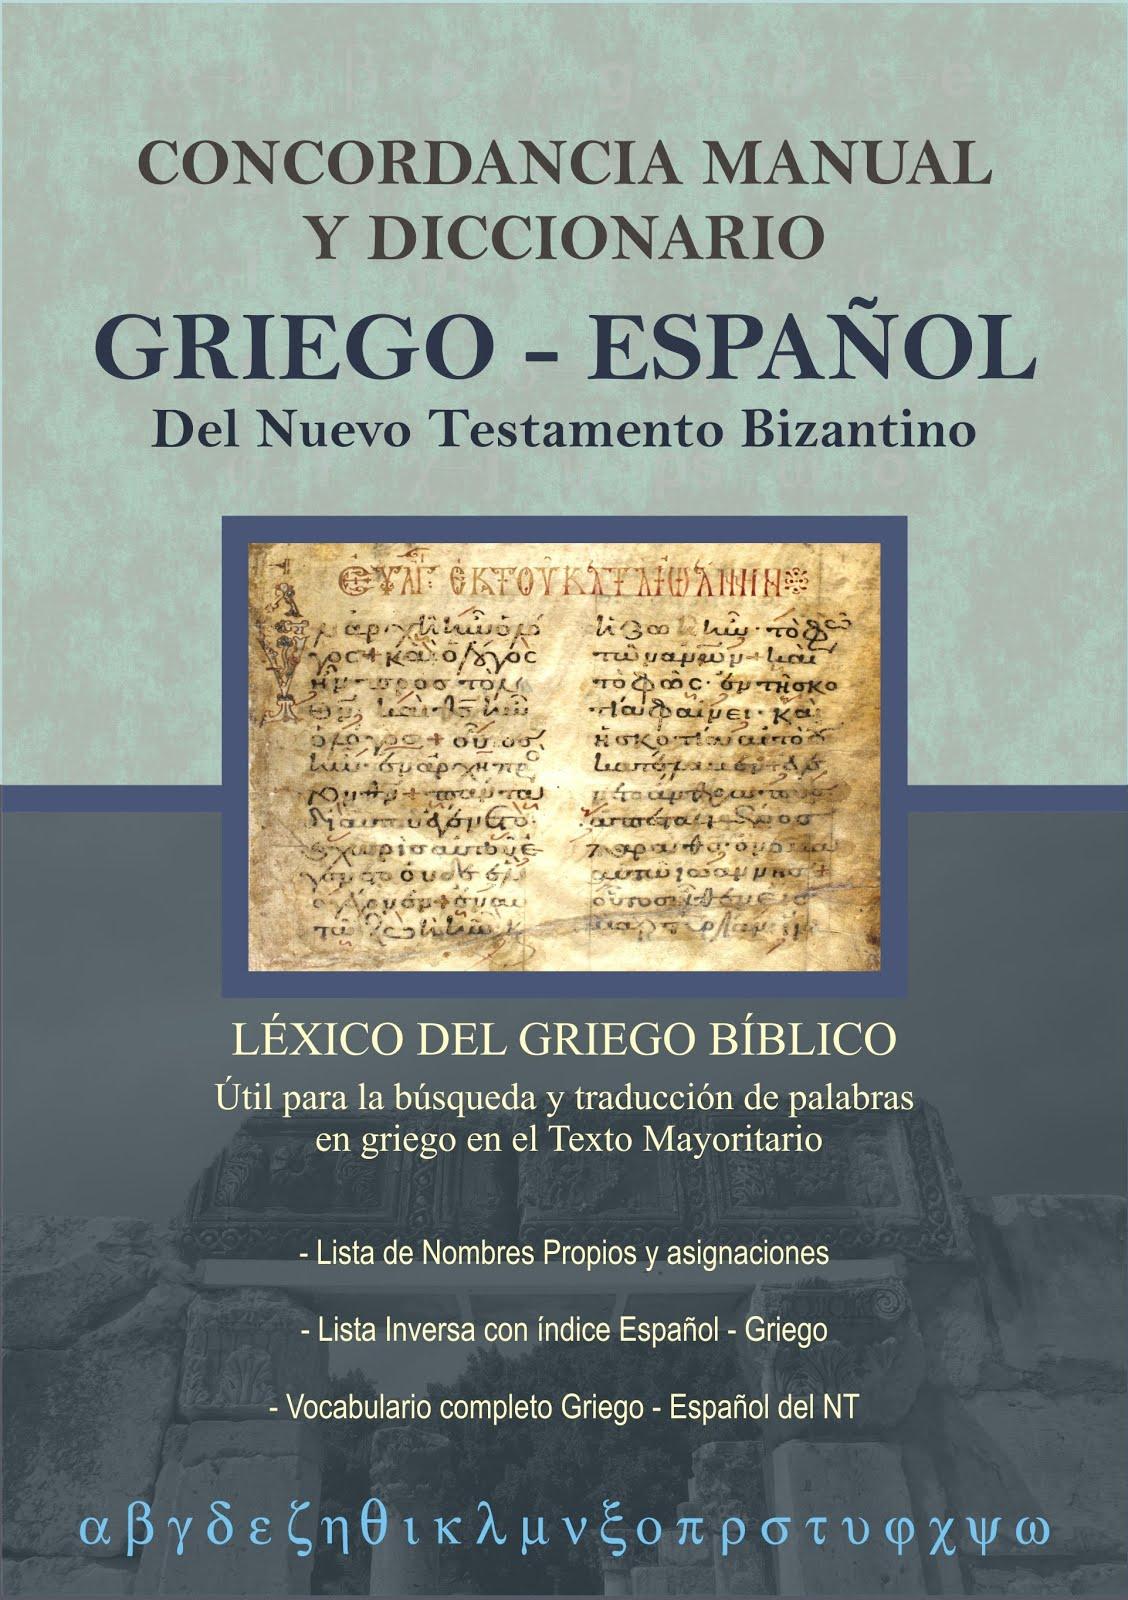 DICCIONARIO CONCORDANCIA GRIEGO ESPAÑOL DEL NT